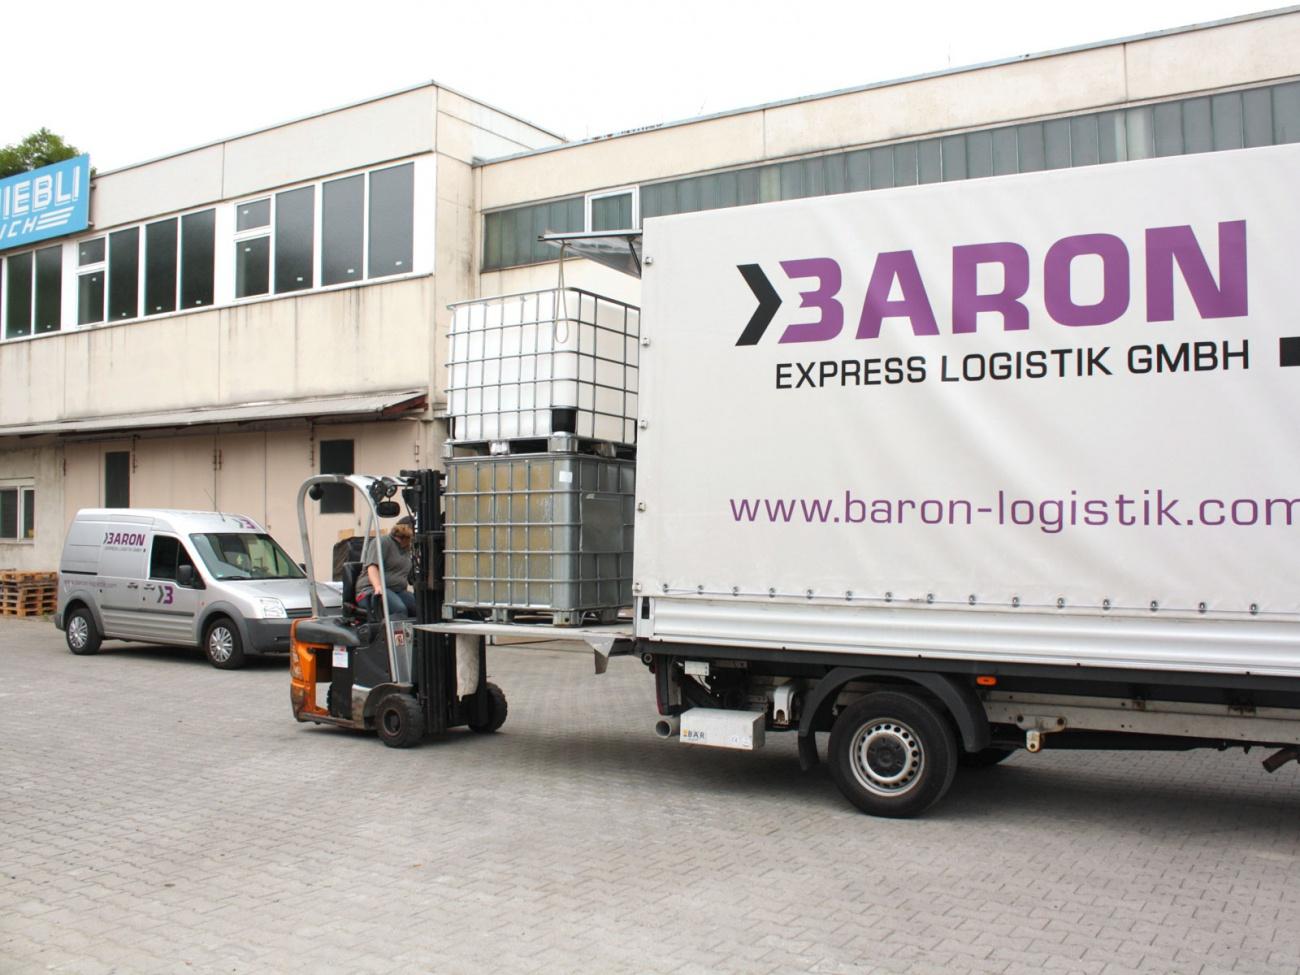 baron express logistik gmbh wenn es schnell gehen muss galerie. Black Bedroom Furniture Sets. Home Design Ideas